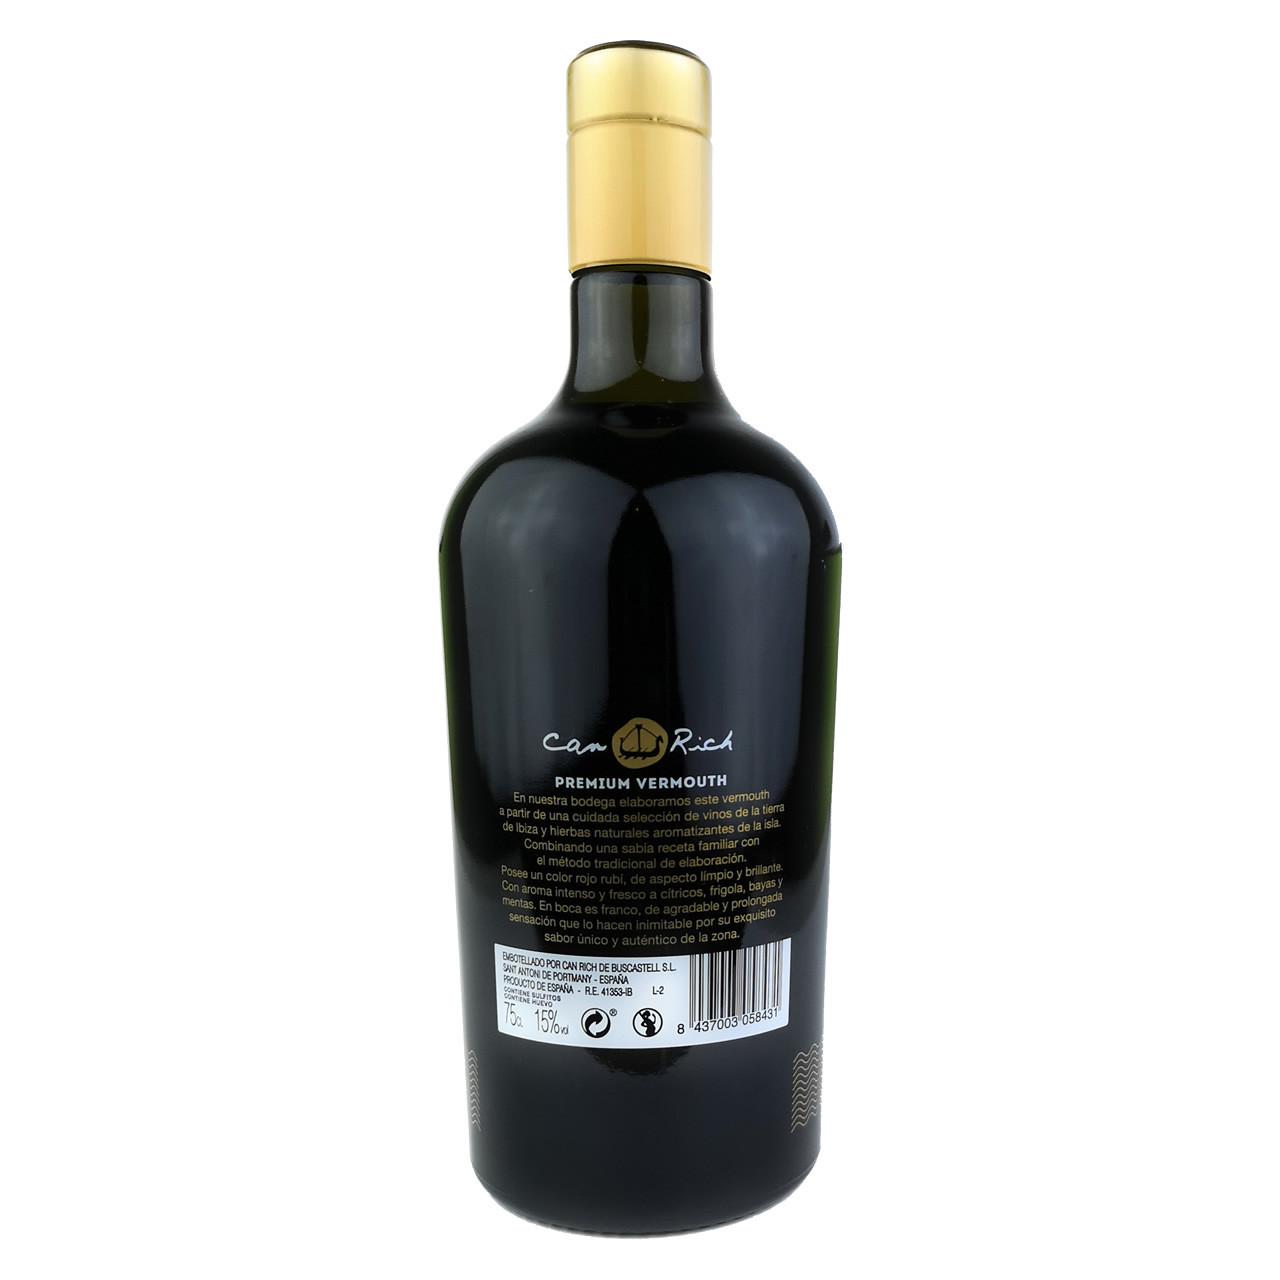 Premium Vermouth (0,75 L) - Can Rich Rückseite